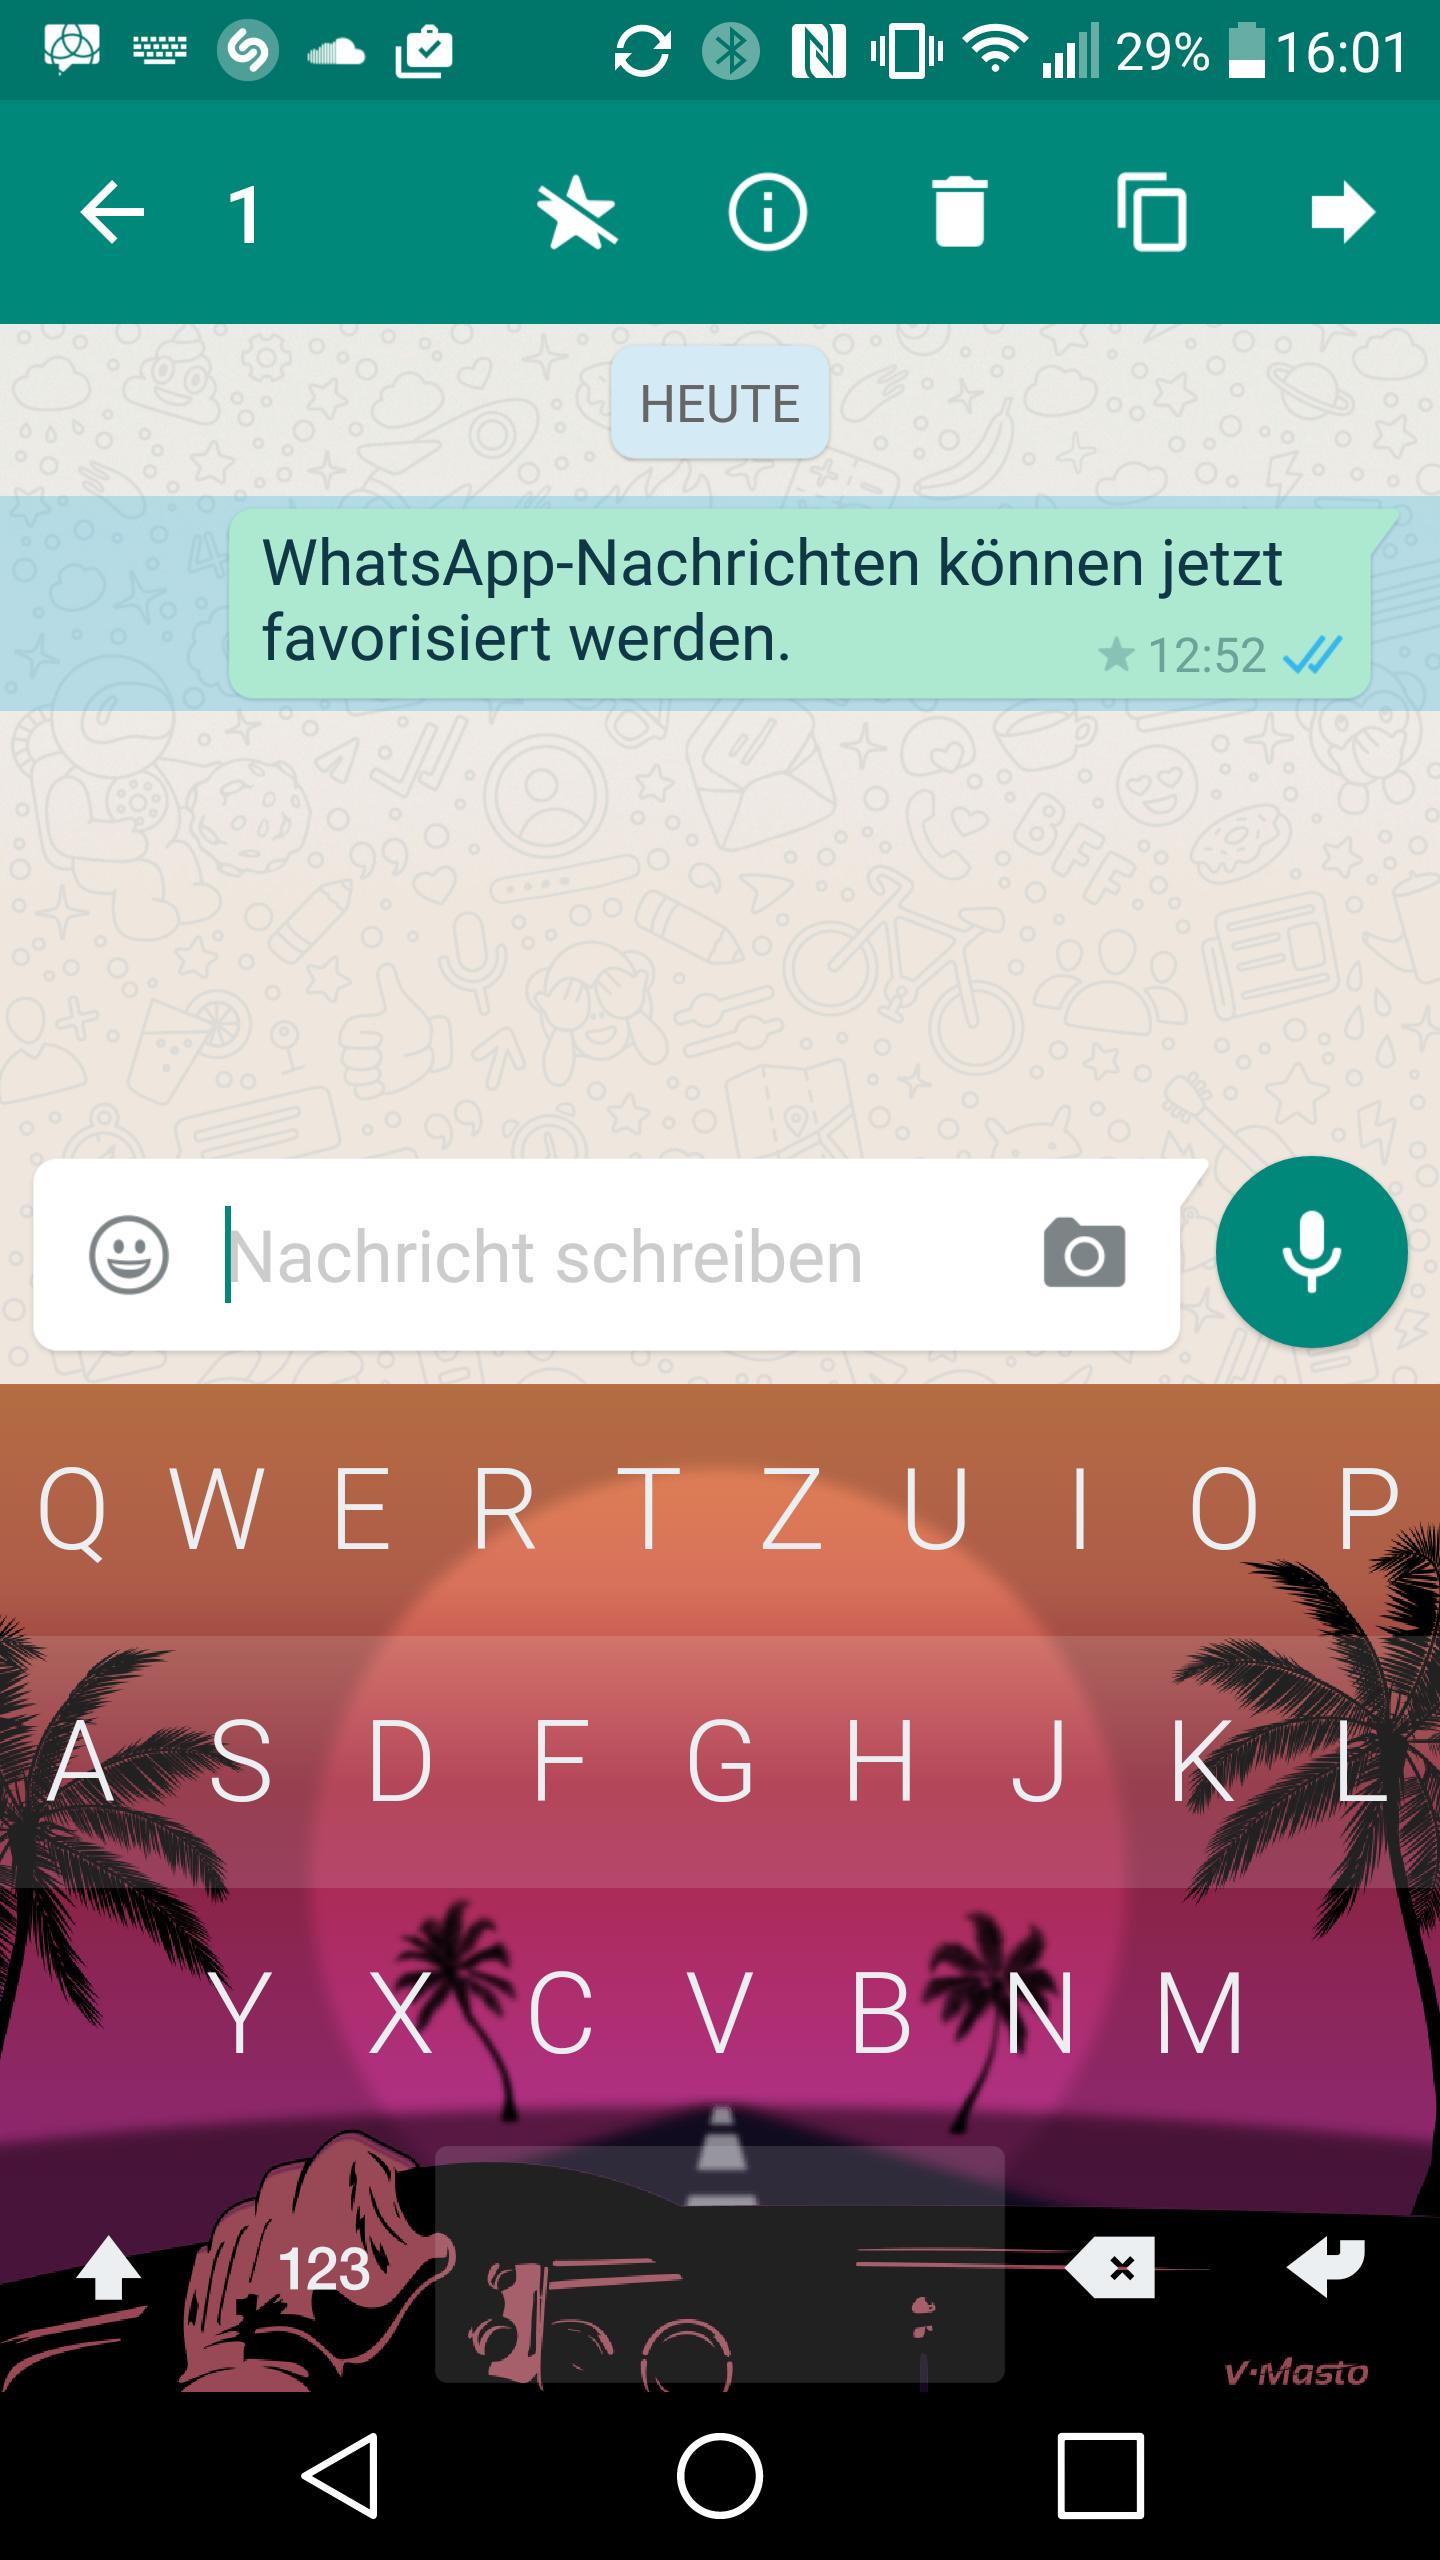 Whatsapp Liebeserklärung Whatsapp Status Liebeserklärung